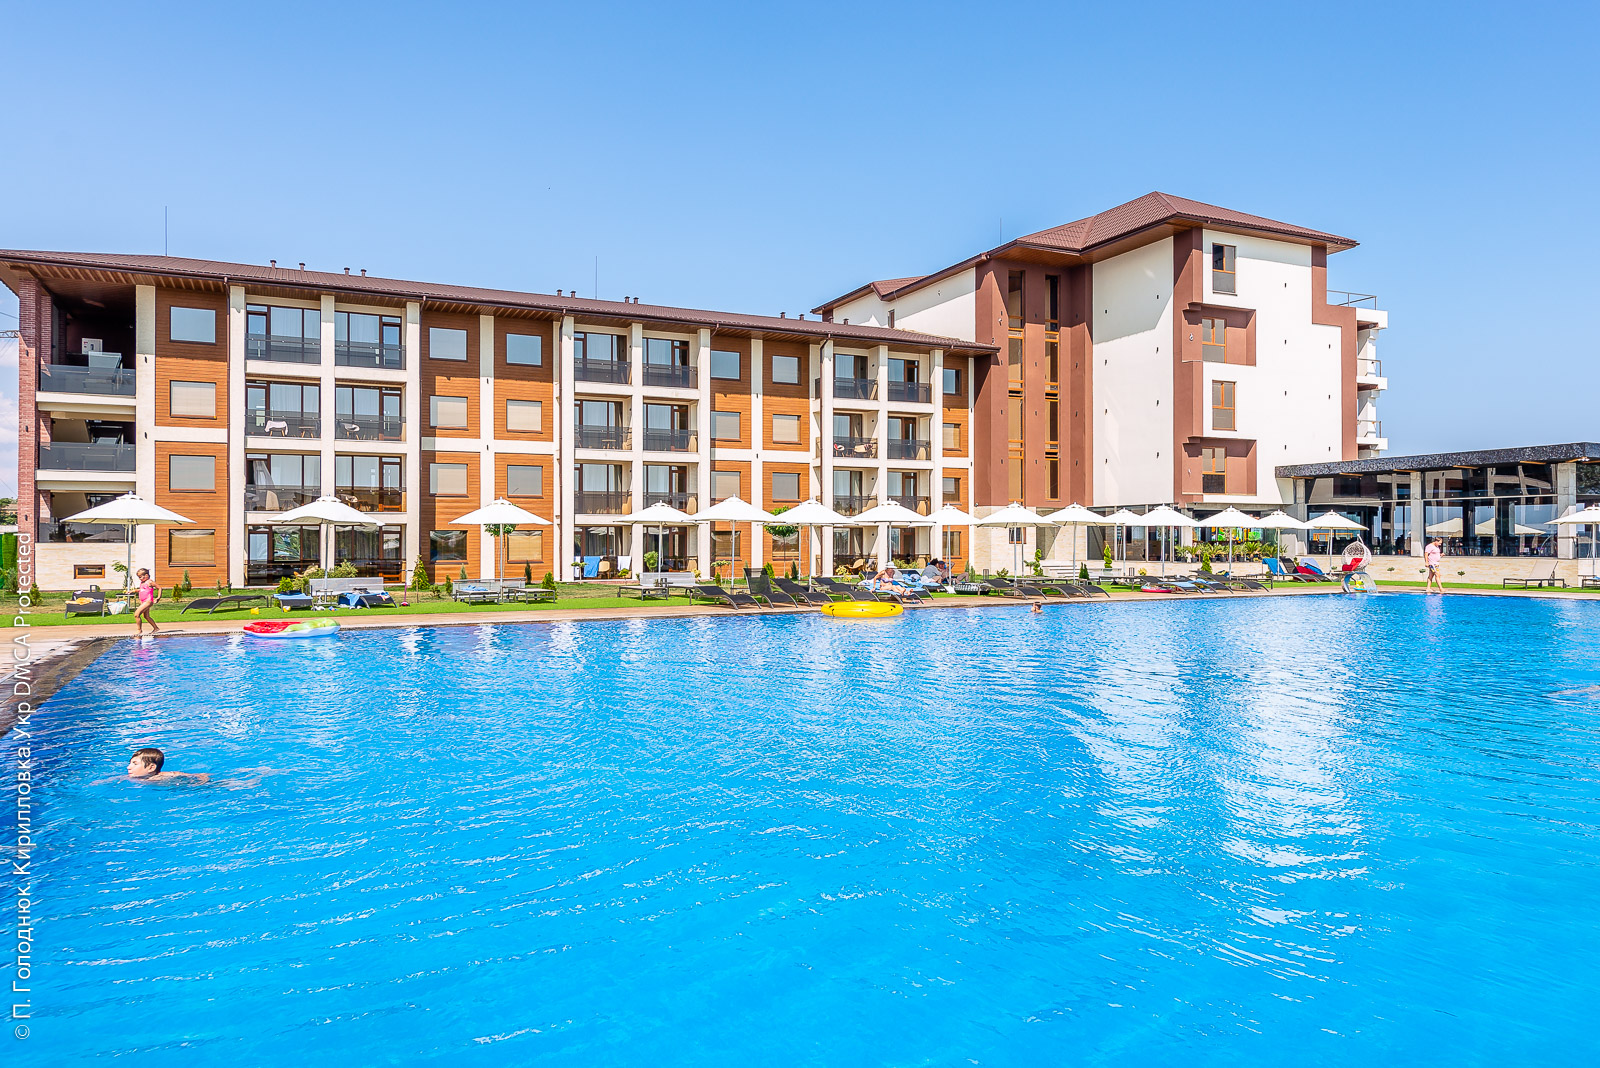 ТОП-11 отелей и баз для комфортного отдыха с бассейном в Кирилловке